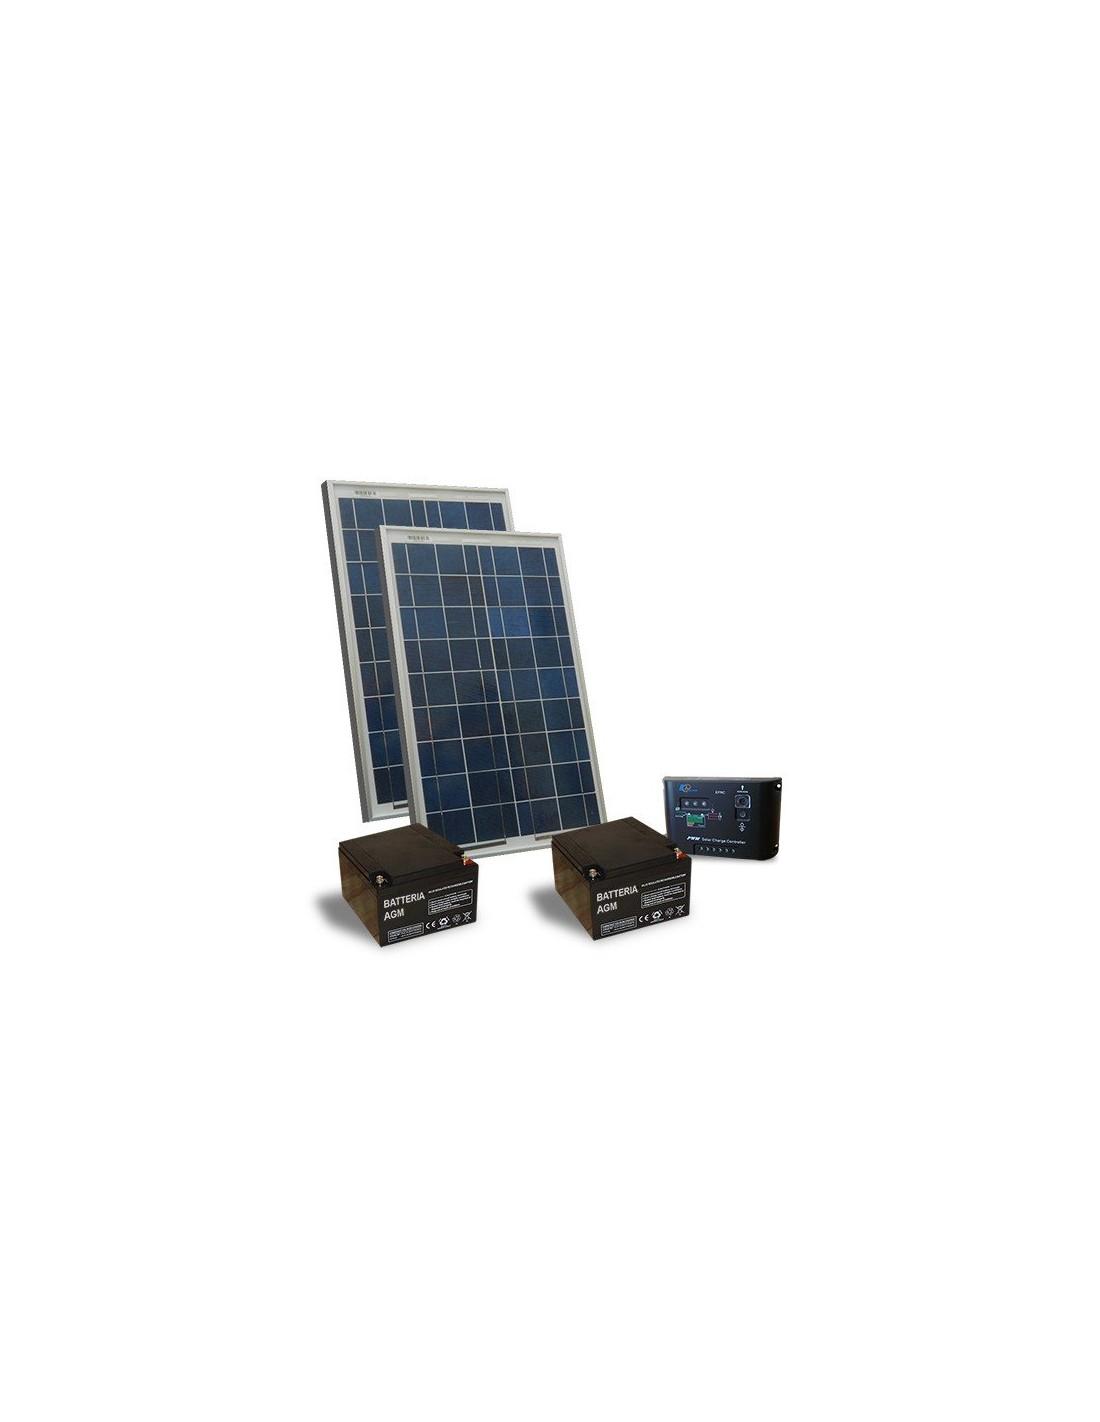 Kit Pannello Solare Con Regolatore Di Carica : Kit solare cancelli elettrici w v pannello regolatore